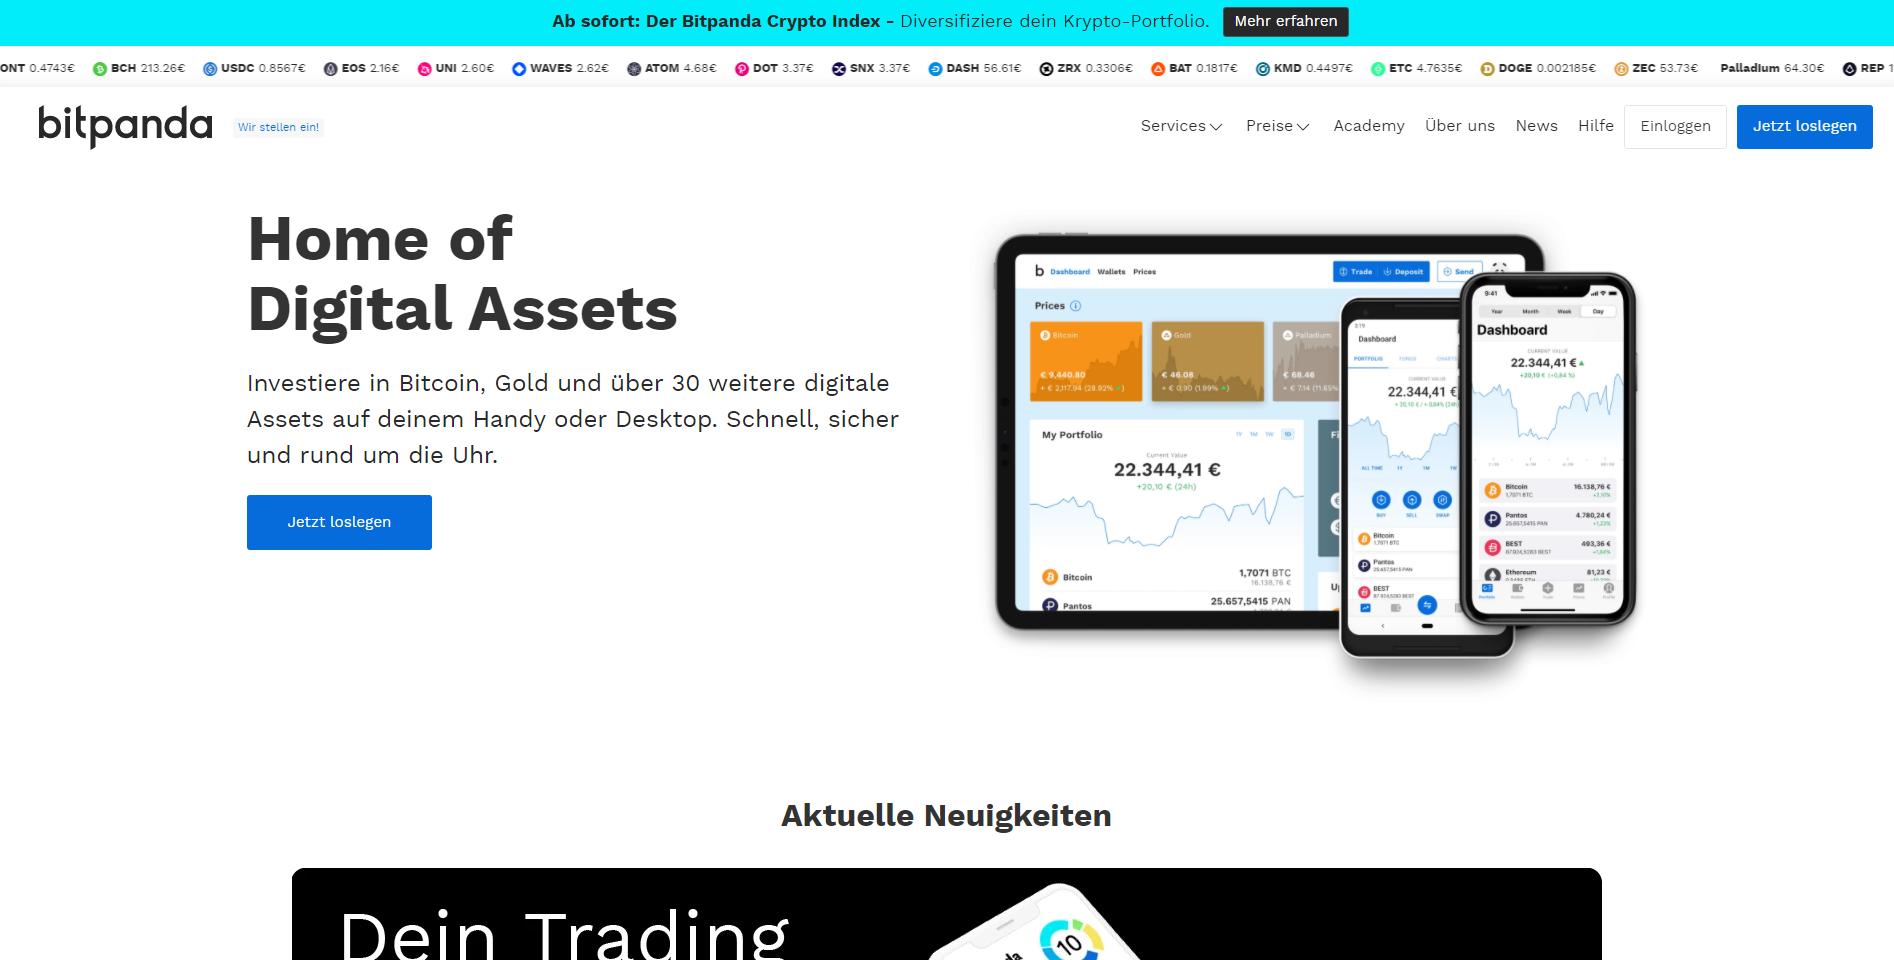 Webseite von Bitpanda